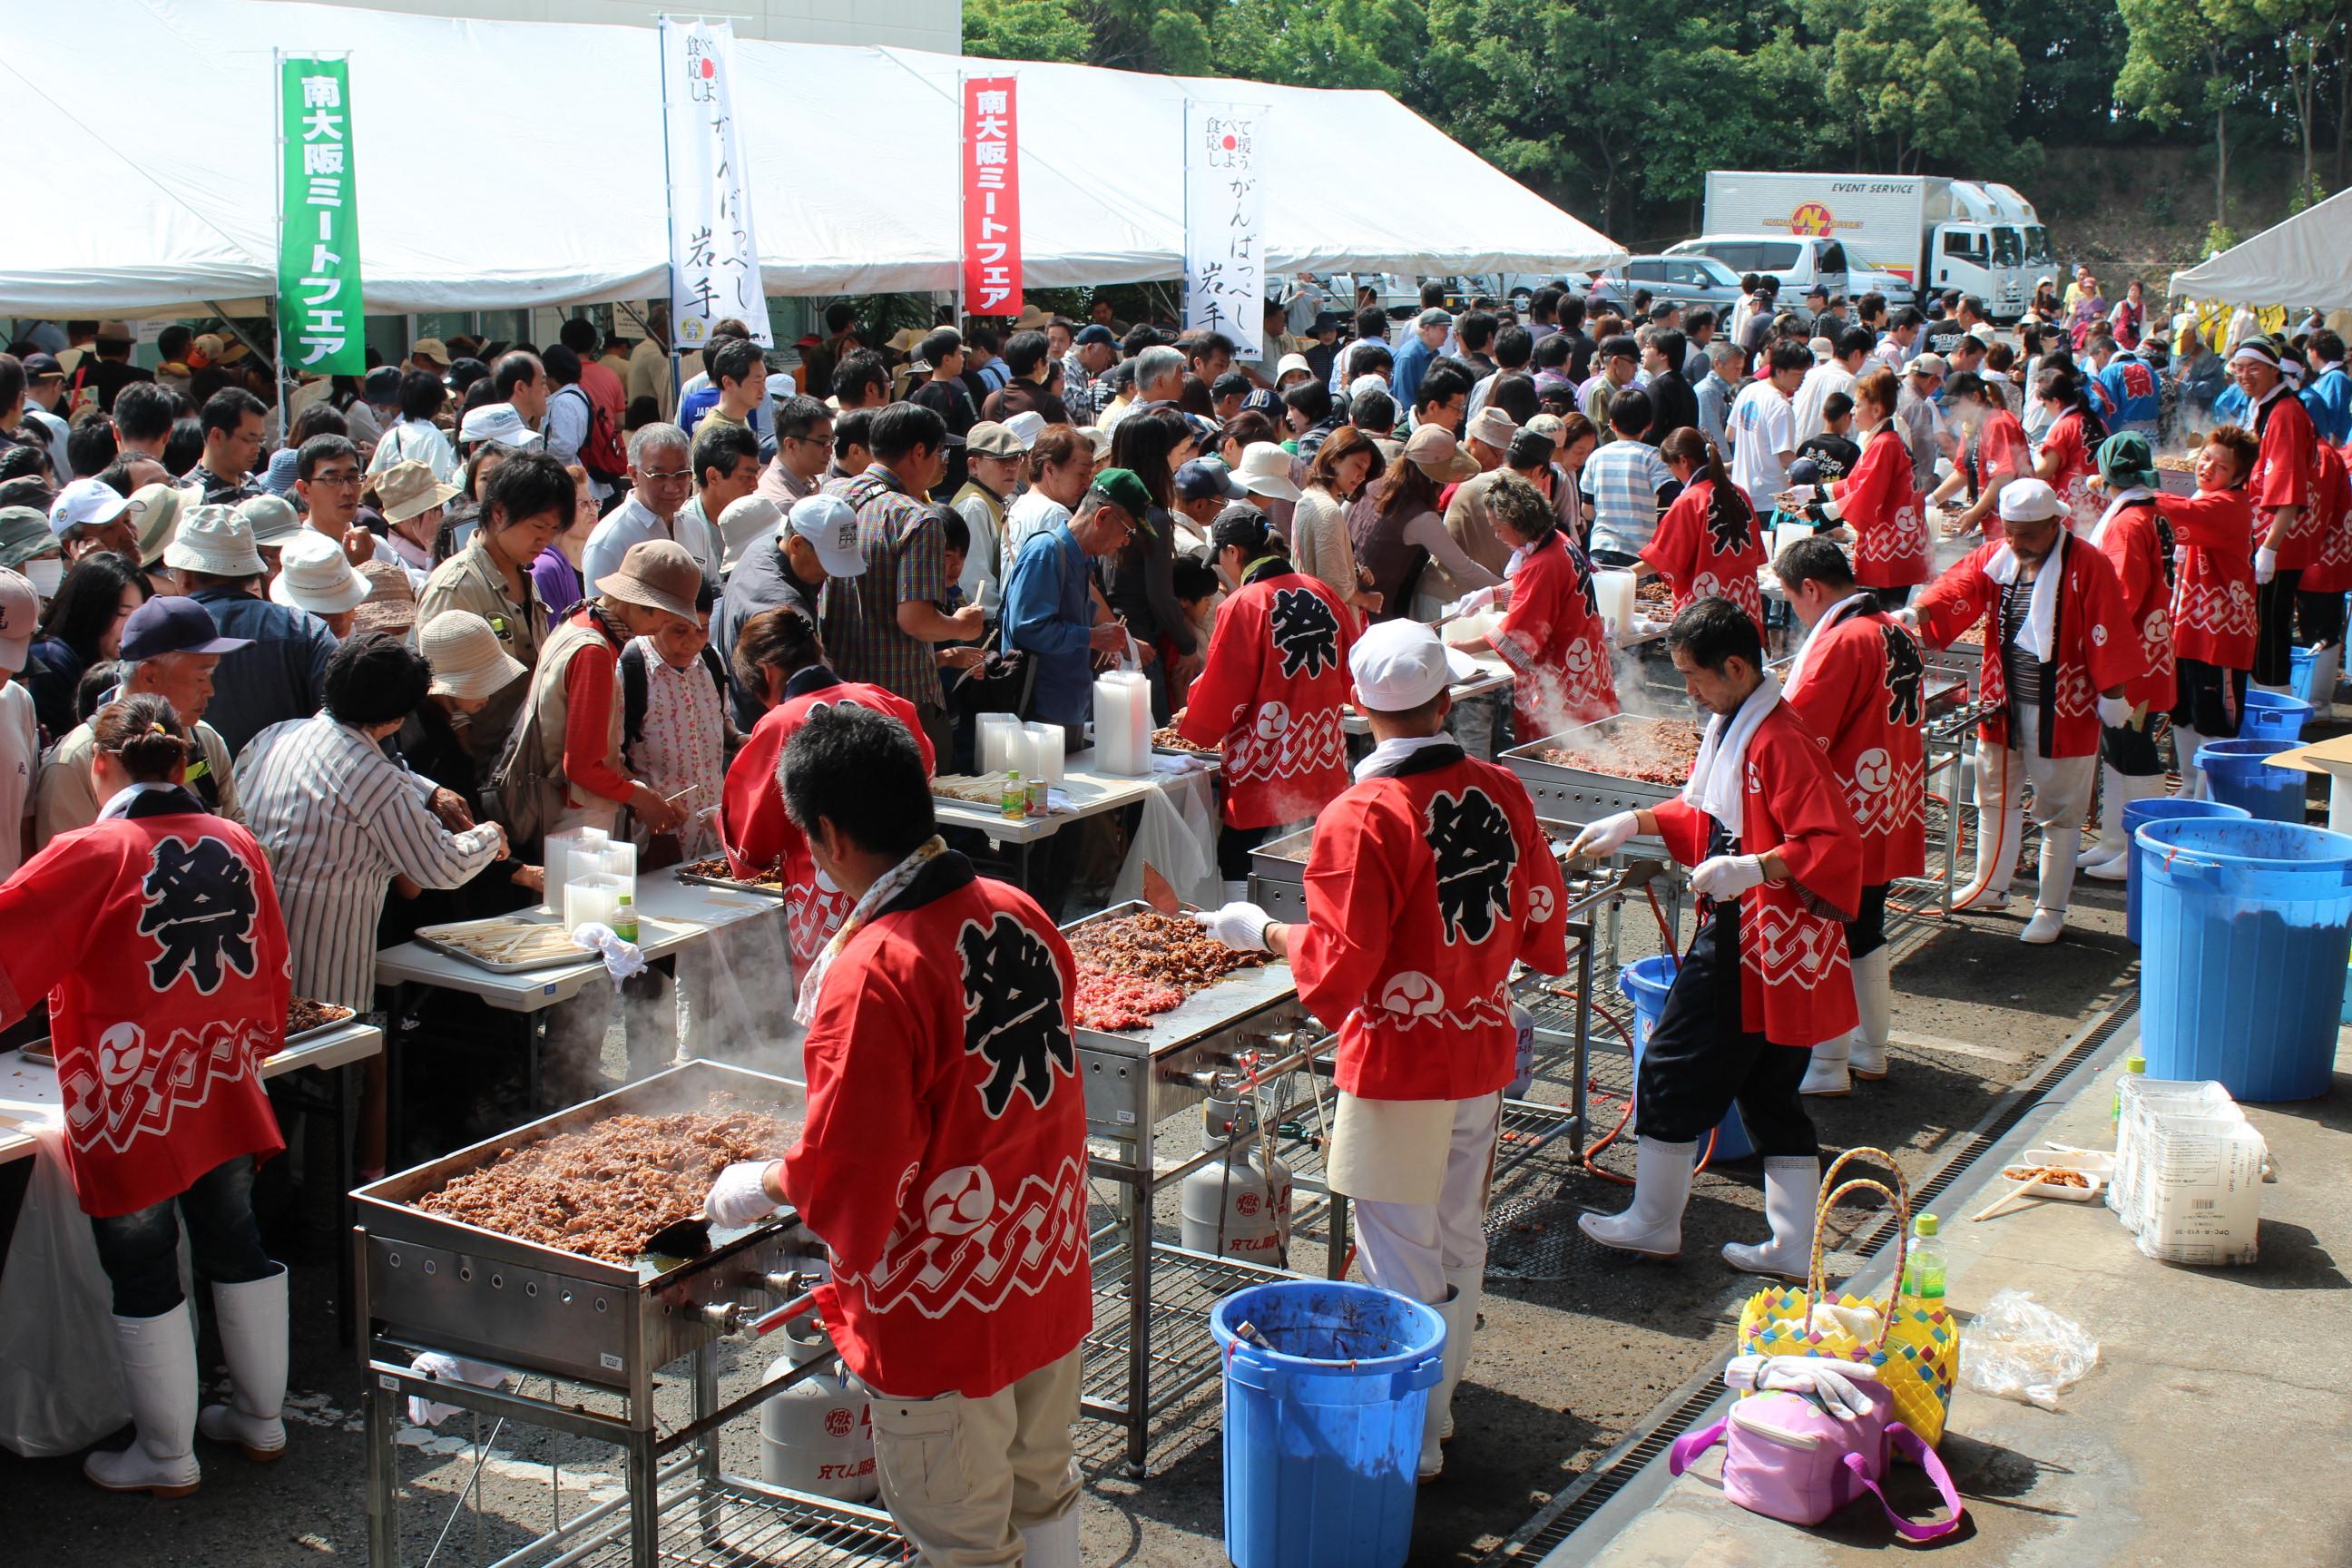 南大阪食肉市場でのミートフェアー(26年5月)